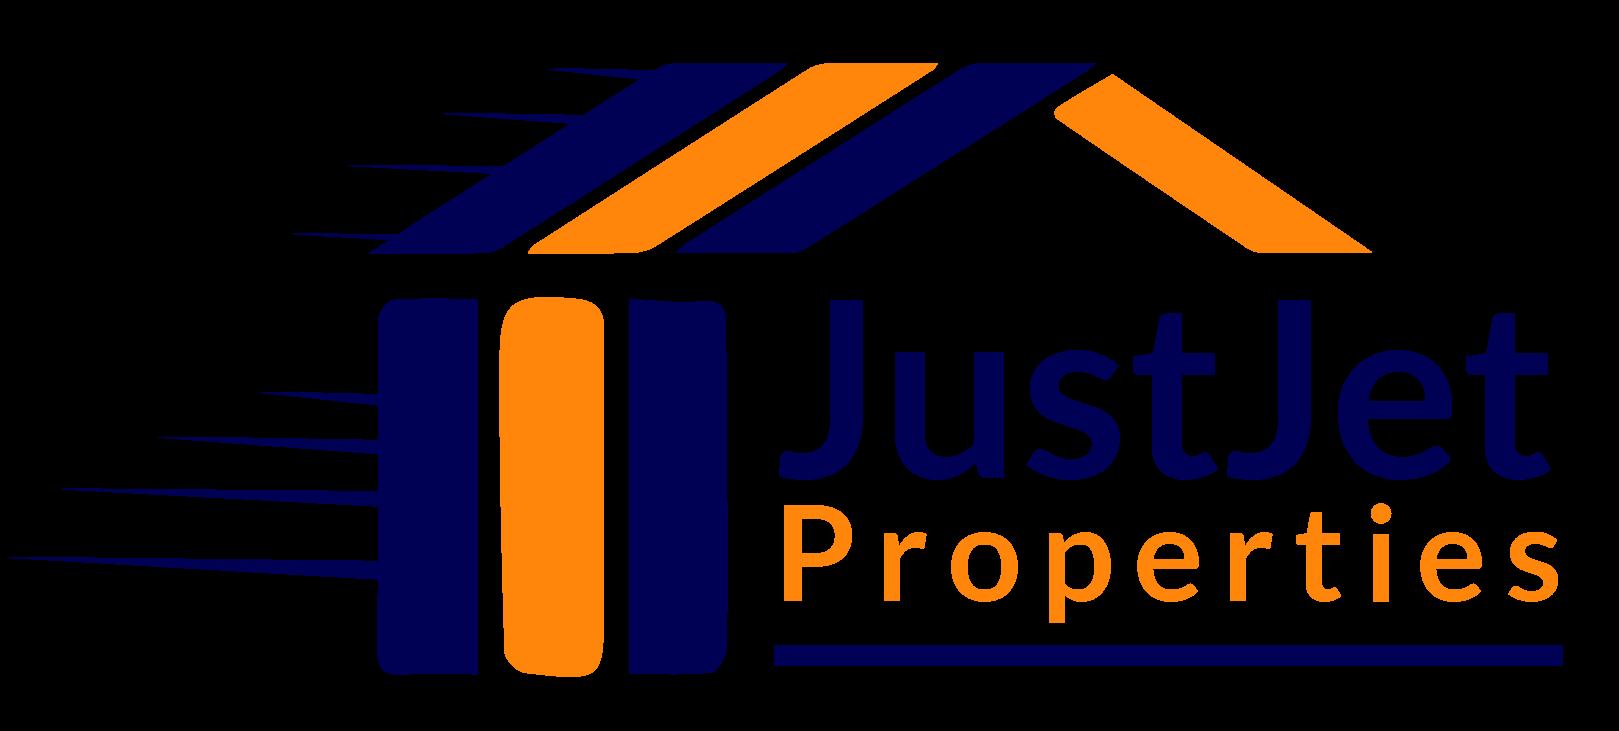 JustJet Properties